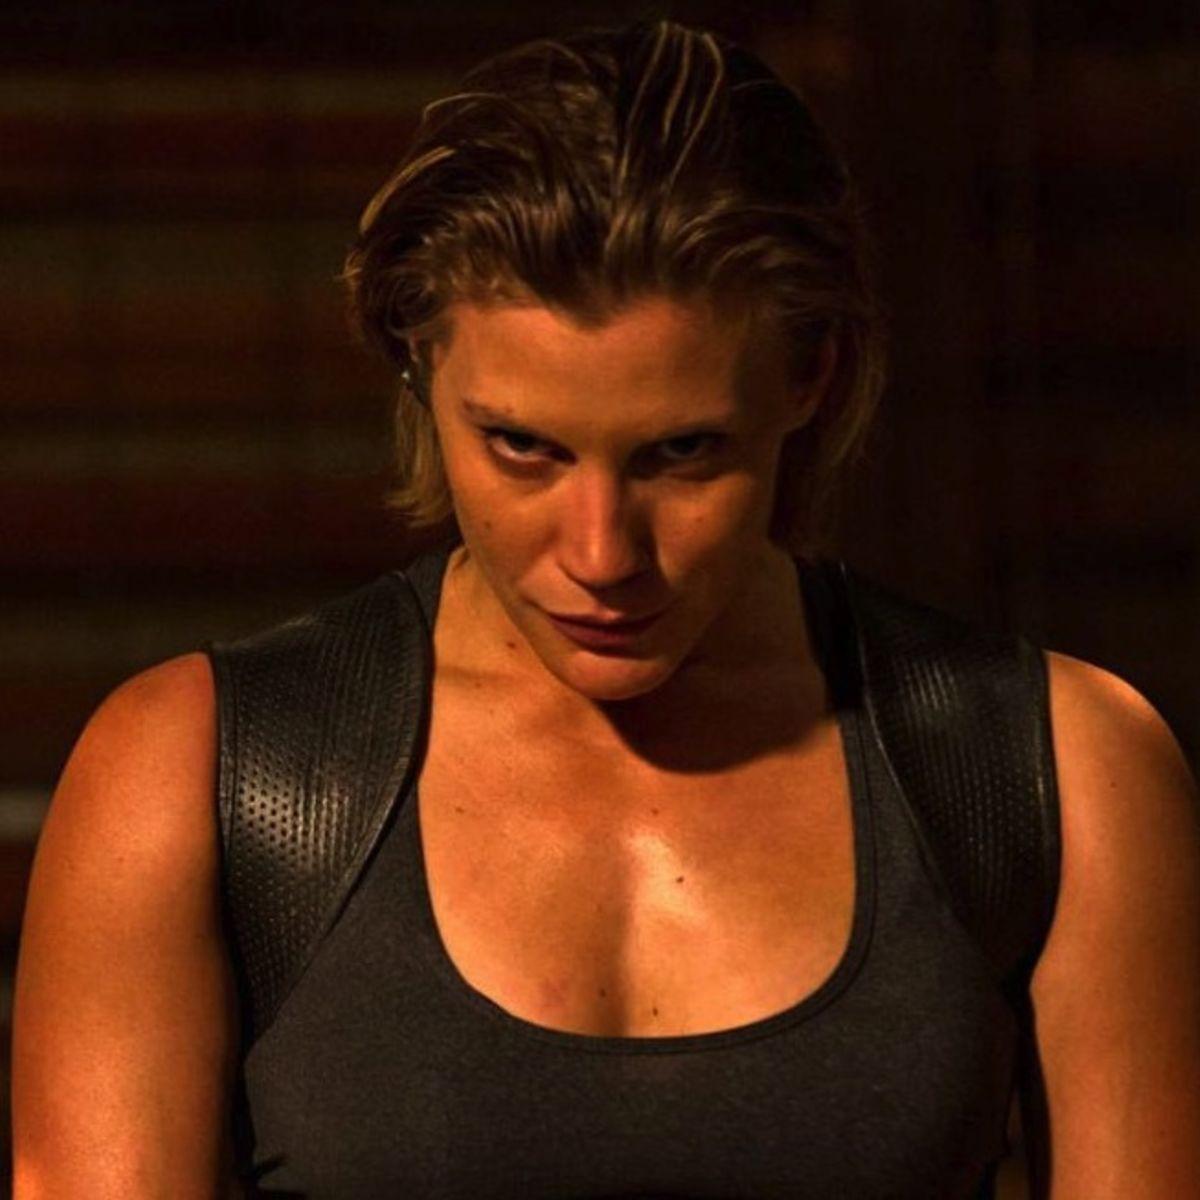 Katee-Sackhoff-in-Riddick-2013-Movie-Image.jpg